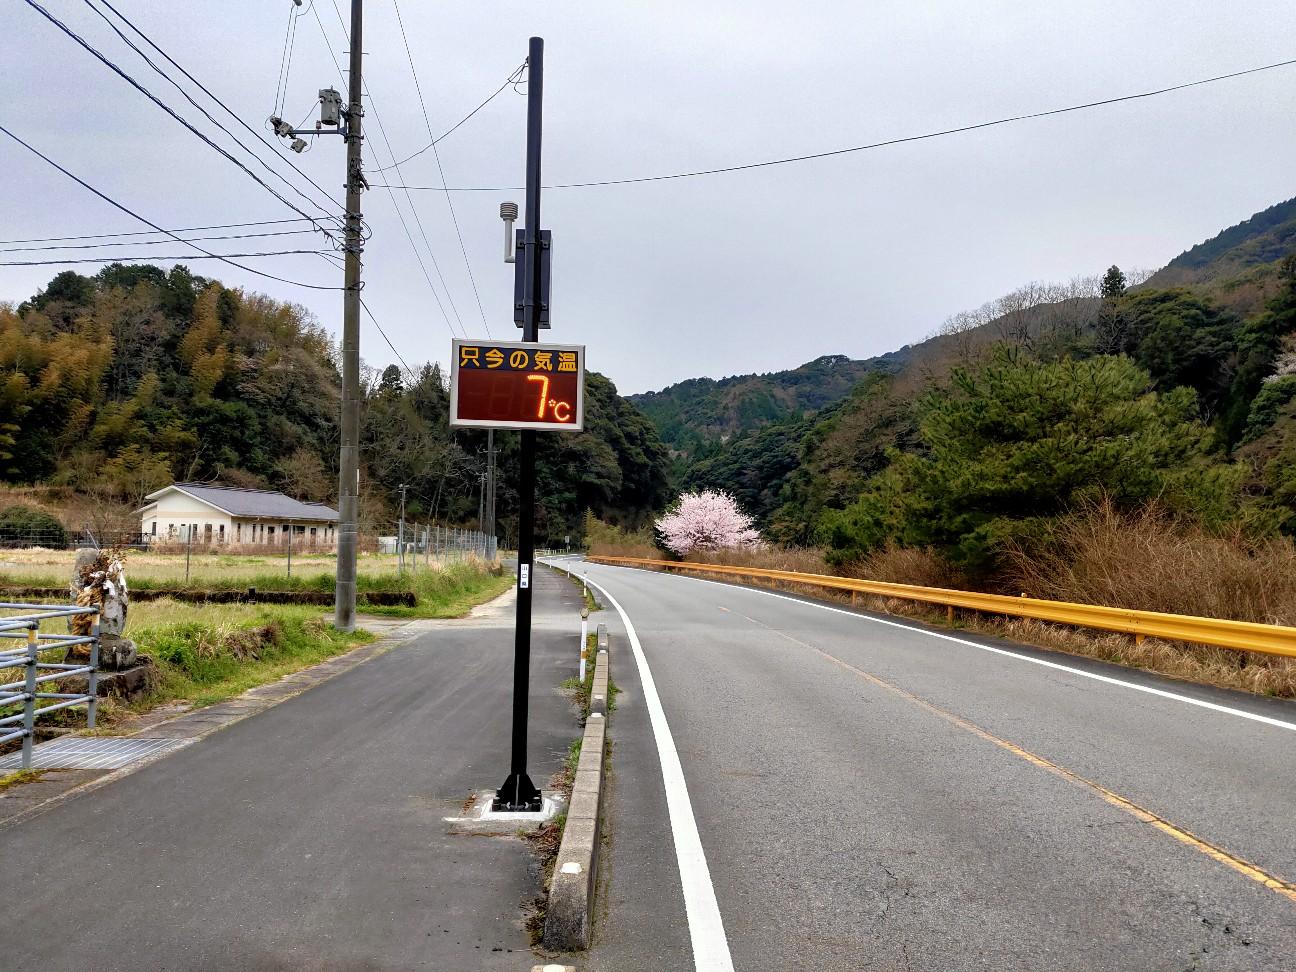 f:id:shingo_shiraishi:20200330211333j:image